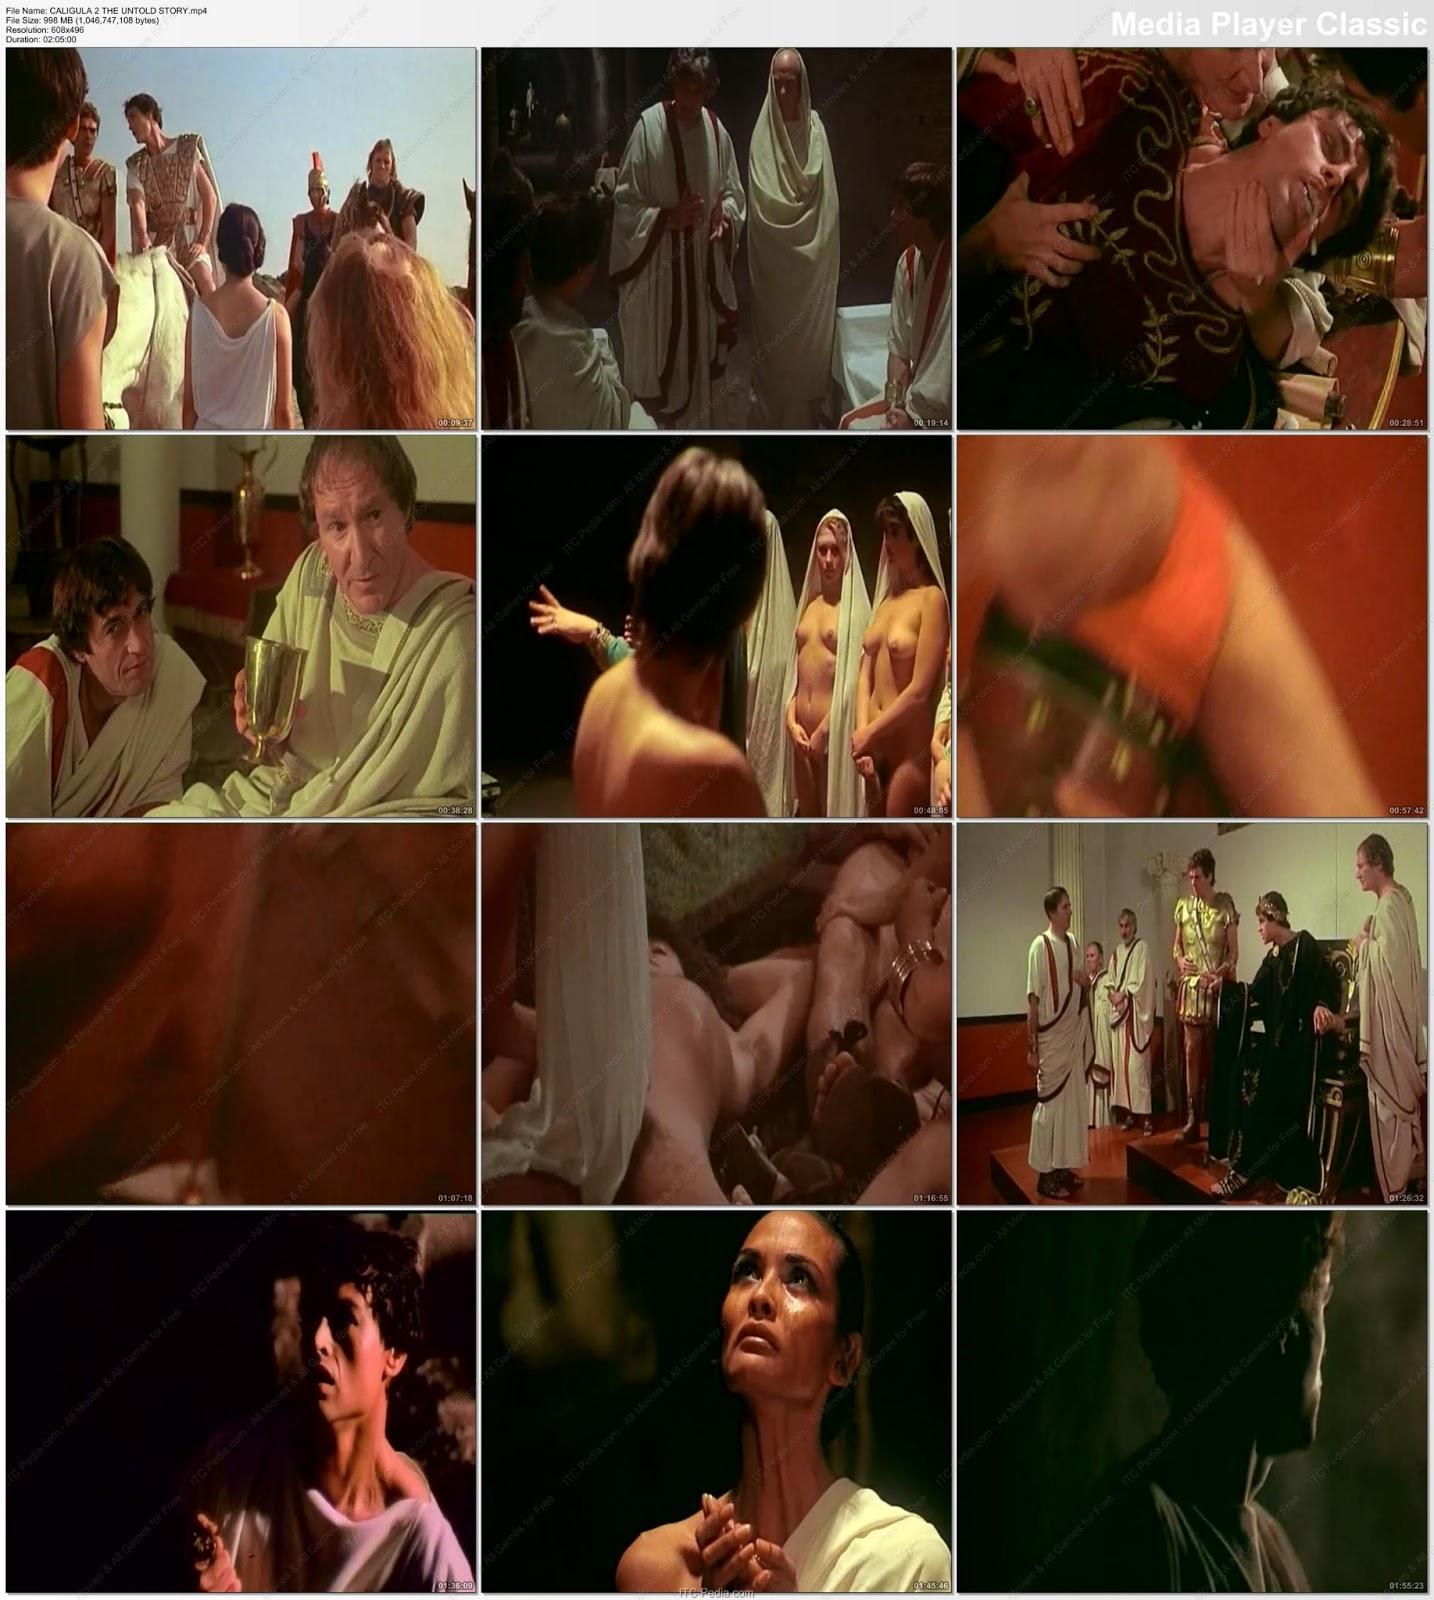 Caligola la storia mai raccontata 1982 9